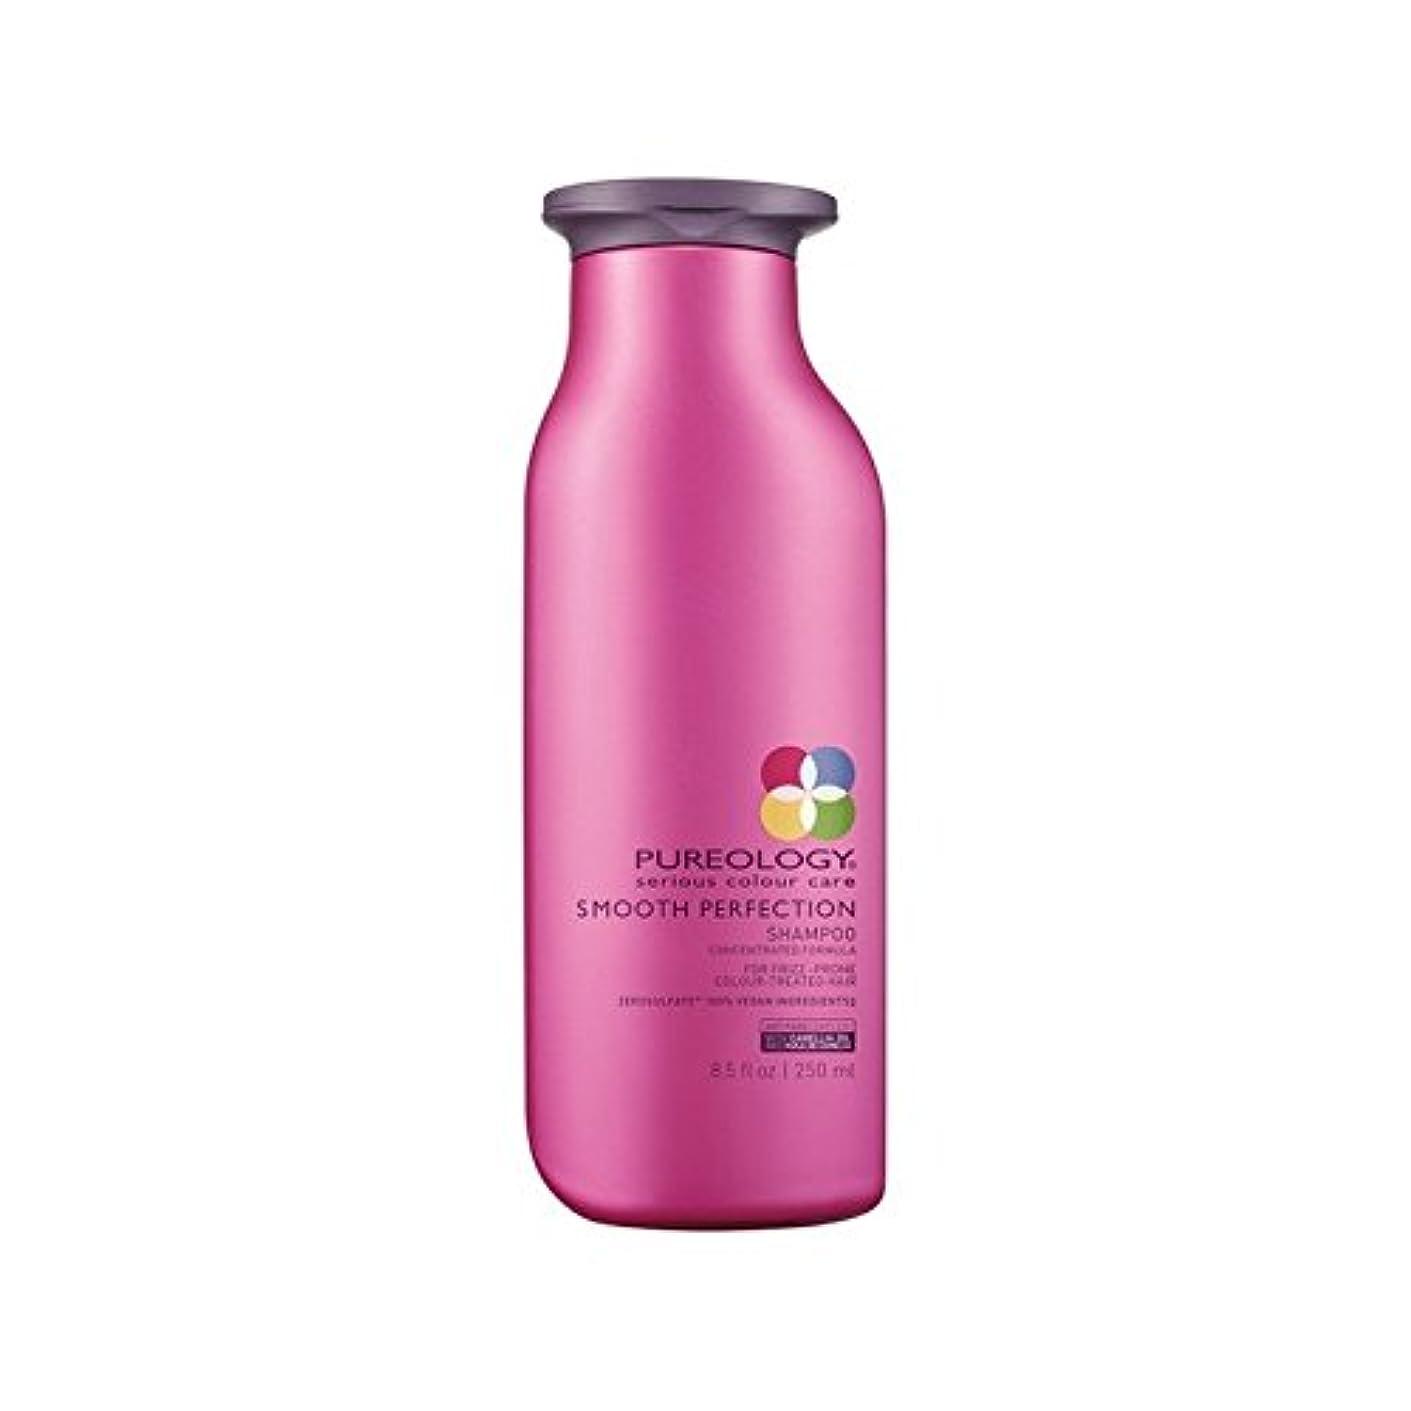 分泌する耐える会員Pureology Smooth Perfection Shampoo (250ml) - 平滑完全シャンプー(250ミリリットル) [並行輸入品]